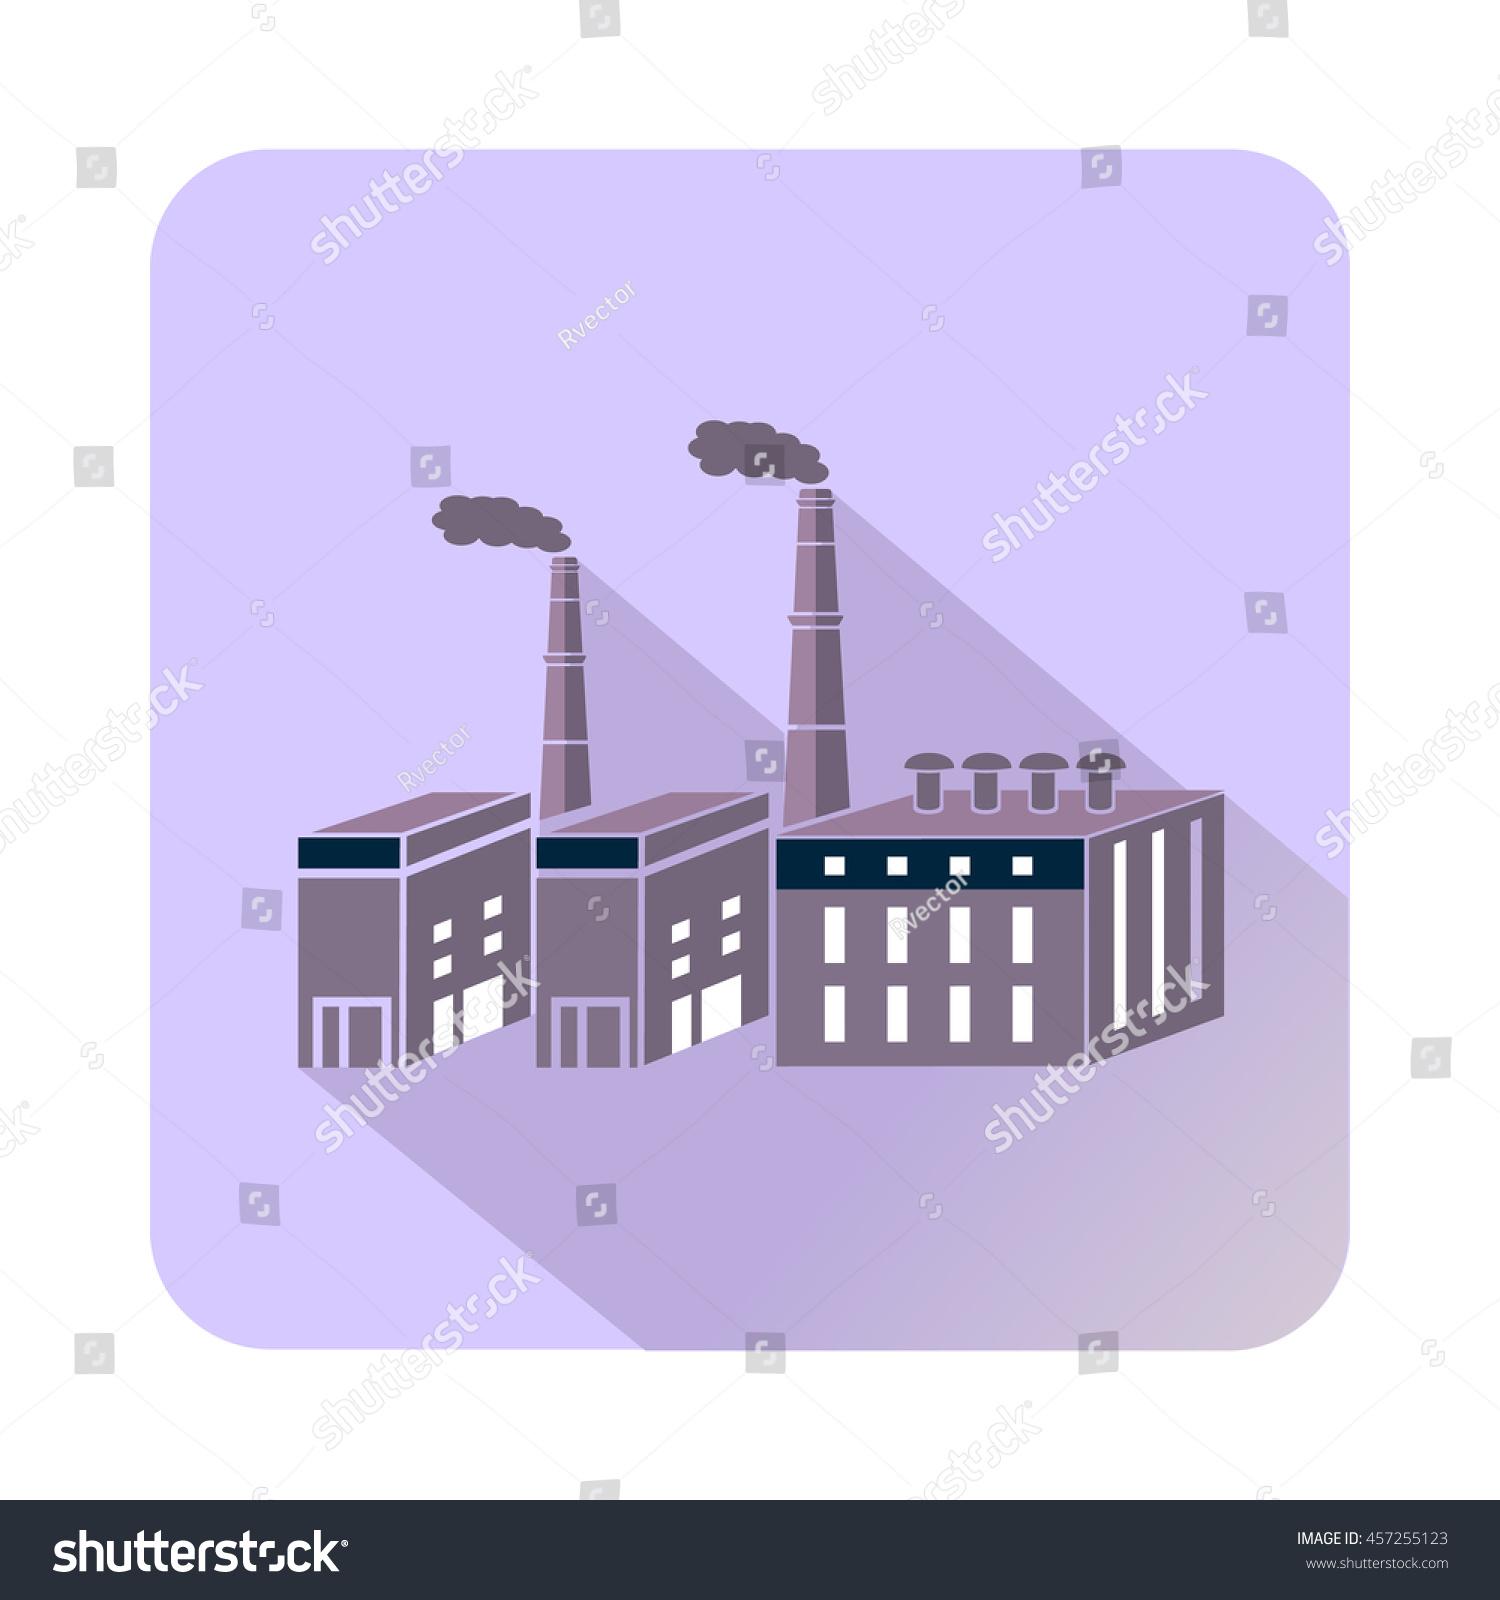 Large chemical plant icon flat style stock vector 457255123 large chemical plant icon in flat style with long shadow chemistry symbol buycottarizona